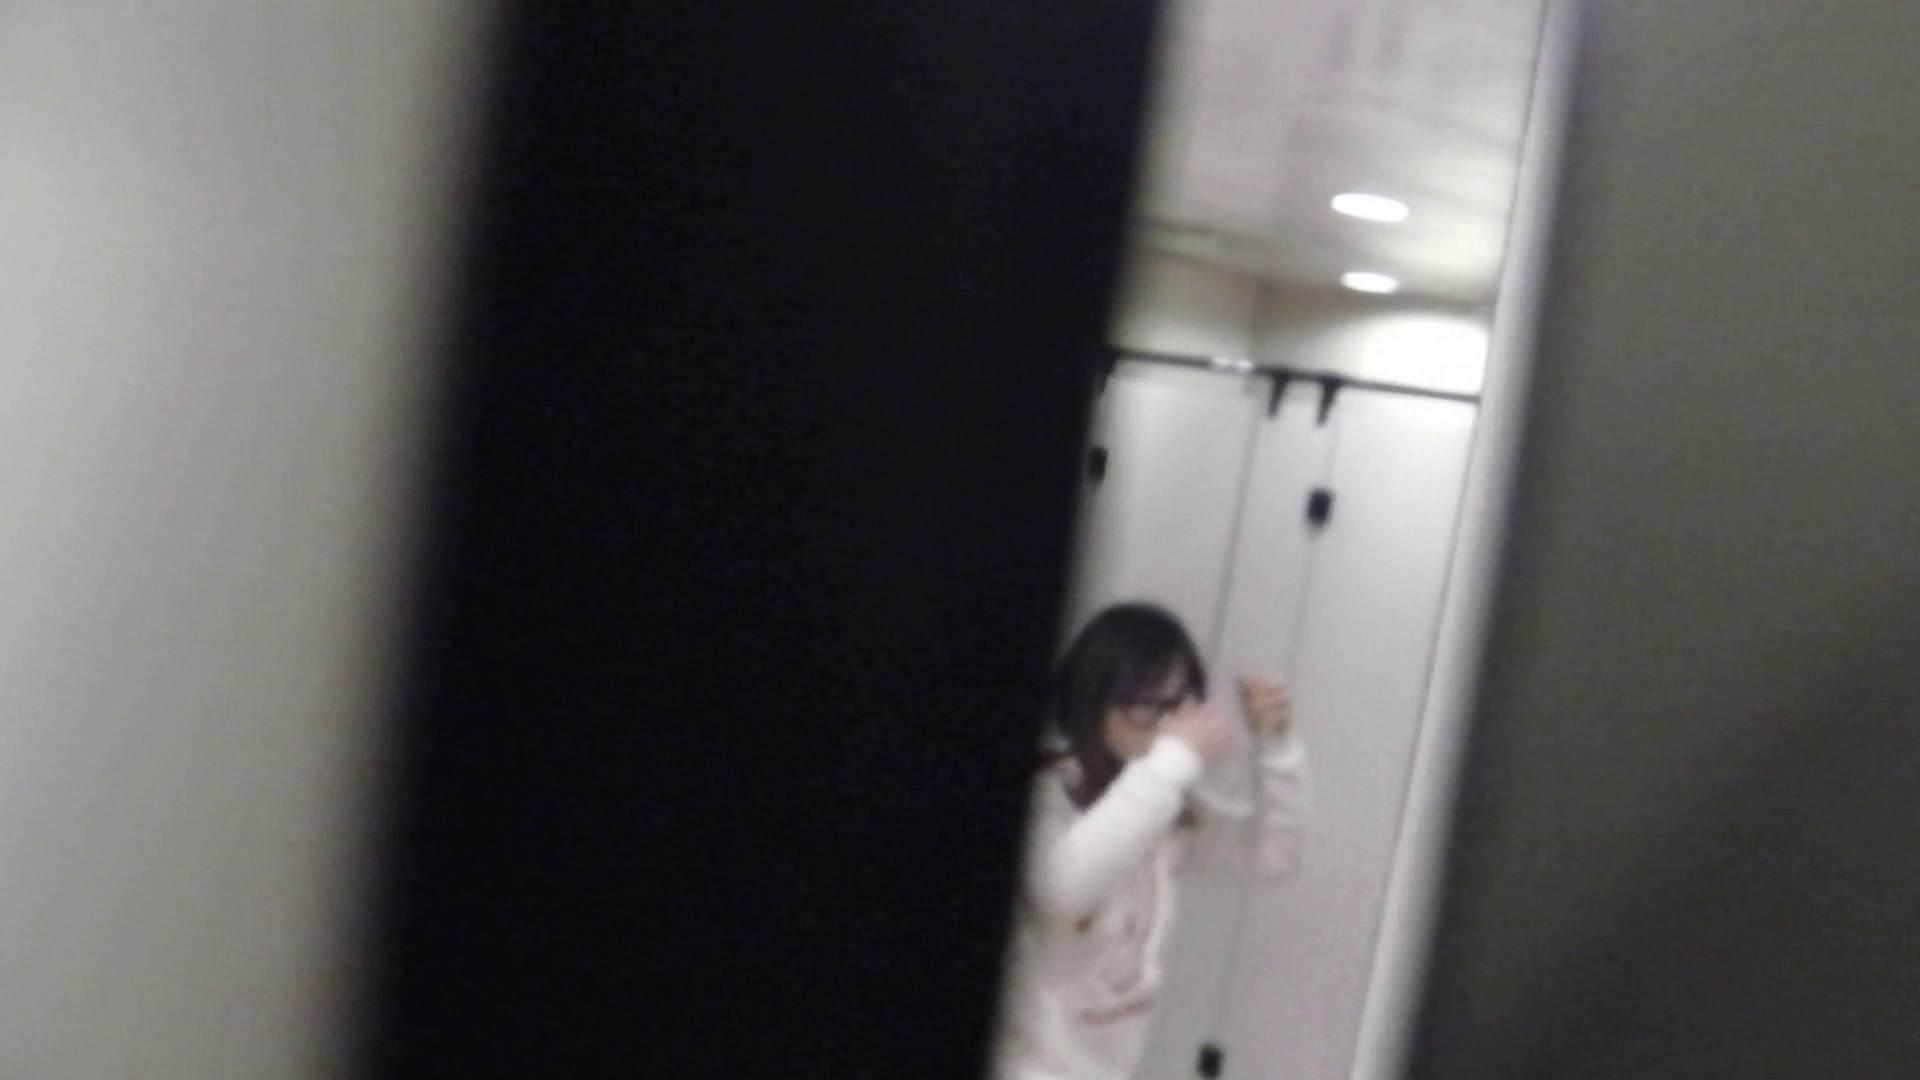 世界の射窓から vol.3 お姉さん攻略 オマンコ動画キャプチャ 83画像 64